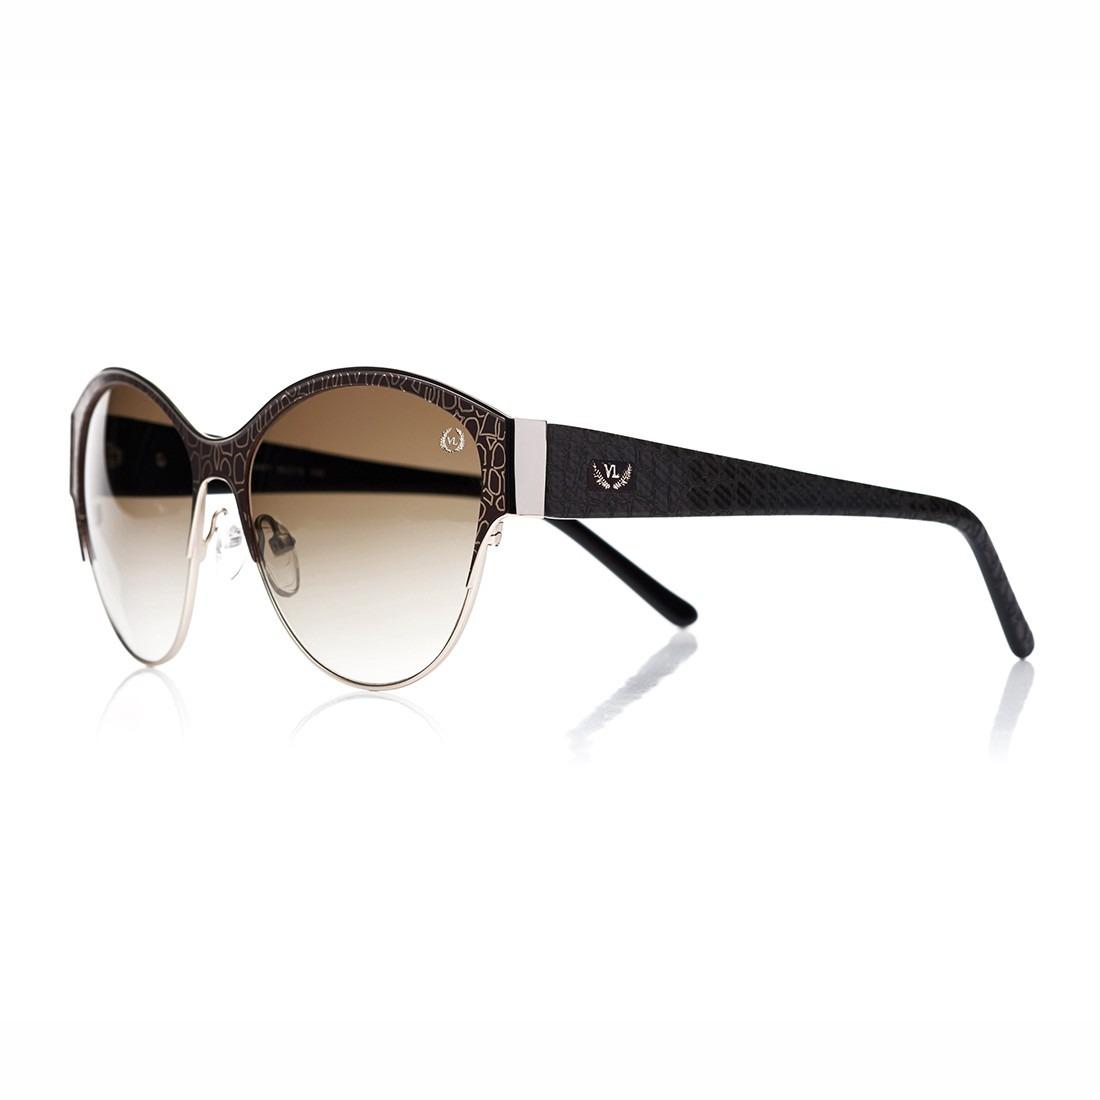 62d70a297 Via Lorran Vl1113 Óculos De Sol - R$ 354,90 em Mercado Livre